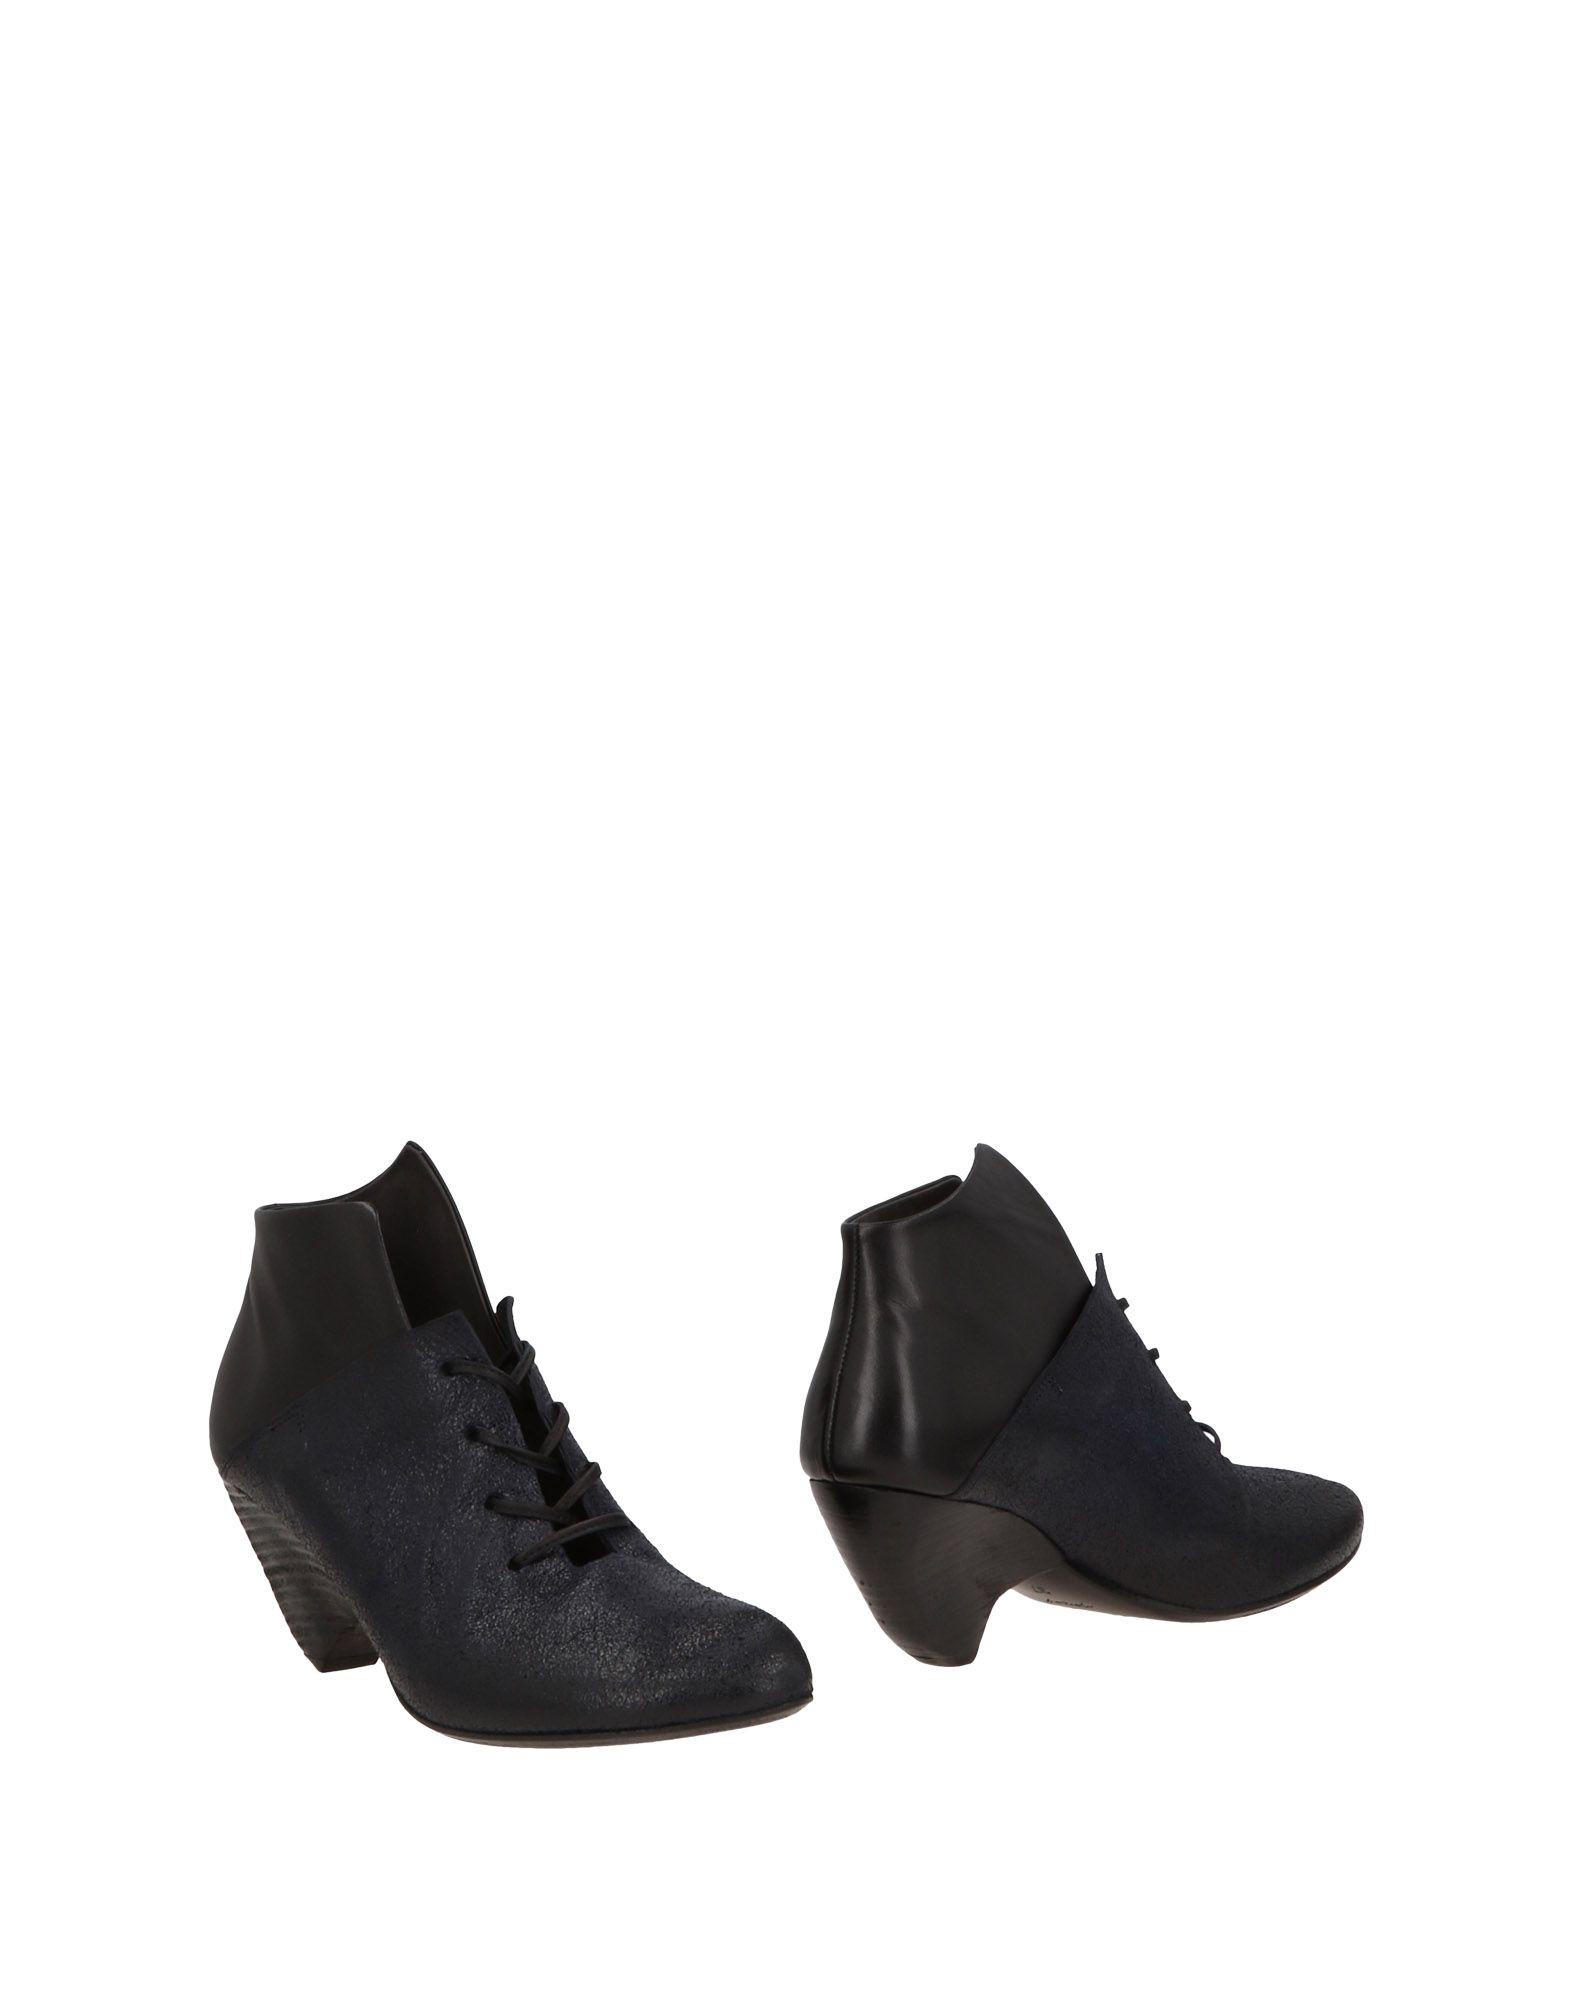 Marsèll Stiefelette Damen  11479867KGGünstige gut aussehende Schuhe